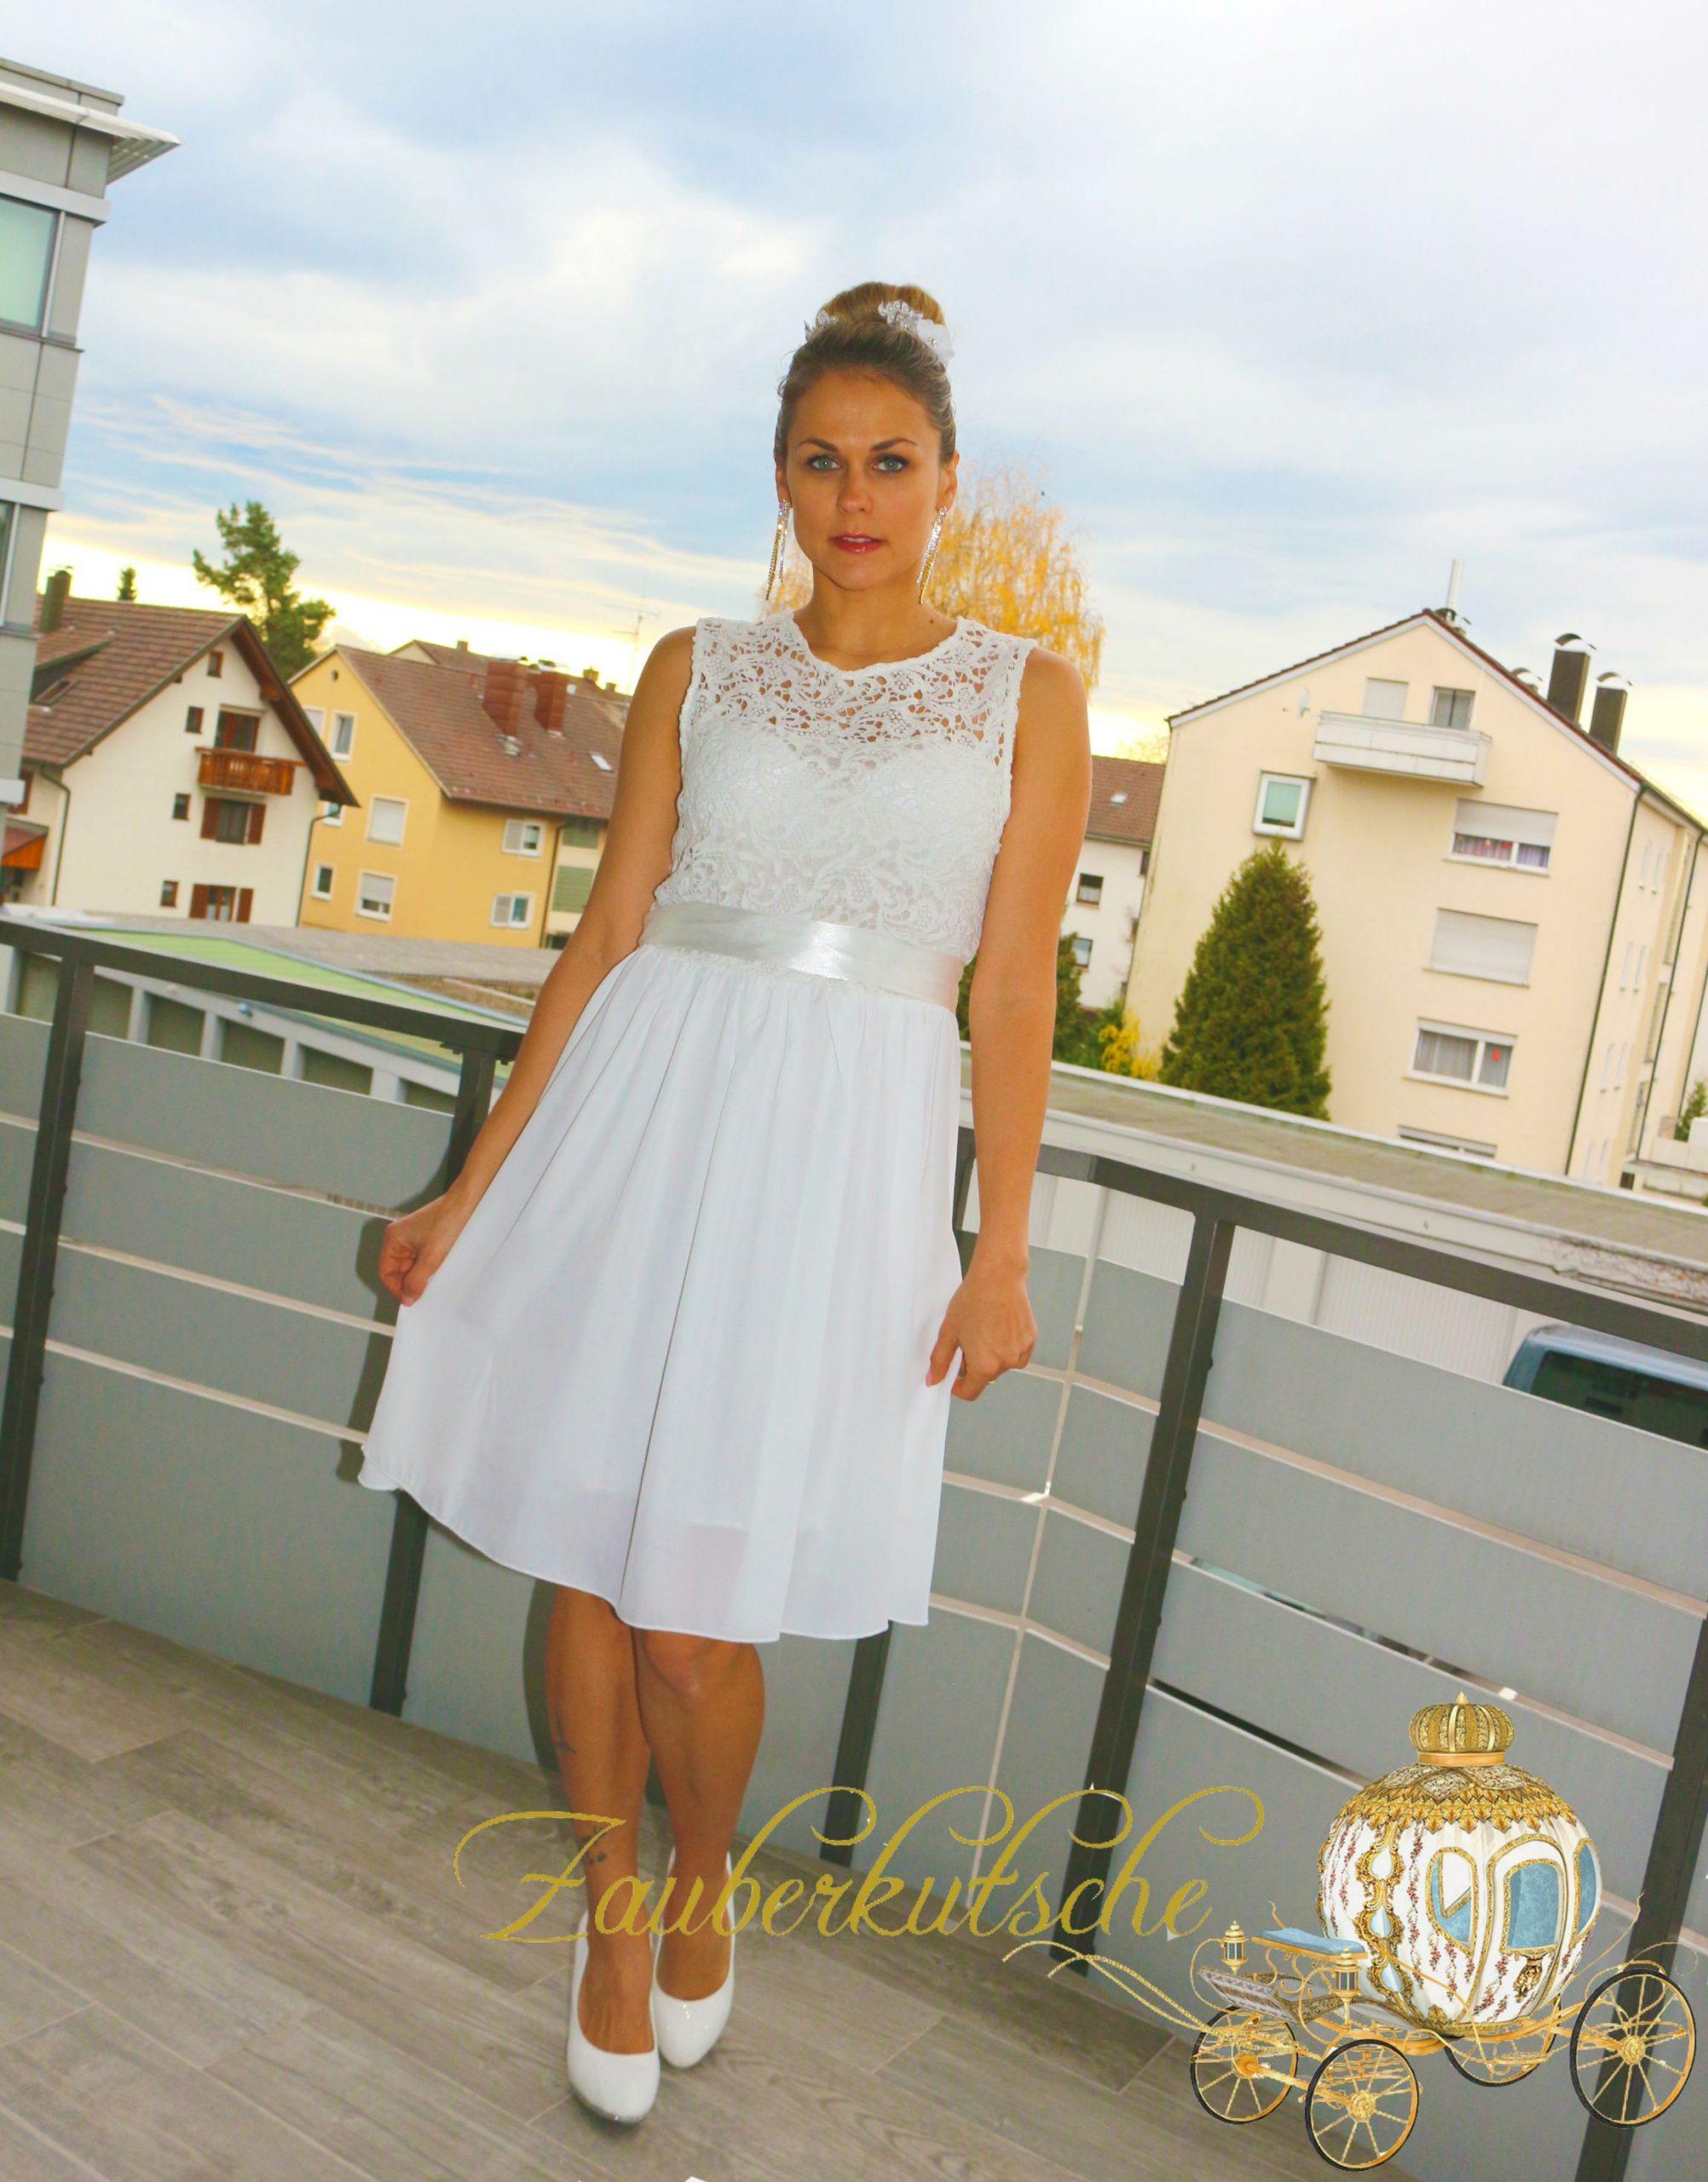 Details Zu Brautkleid Spitze Kurz Hochzeitskleid M L Xl Xxl Braut Kleid  Standesamt Weiß